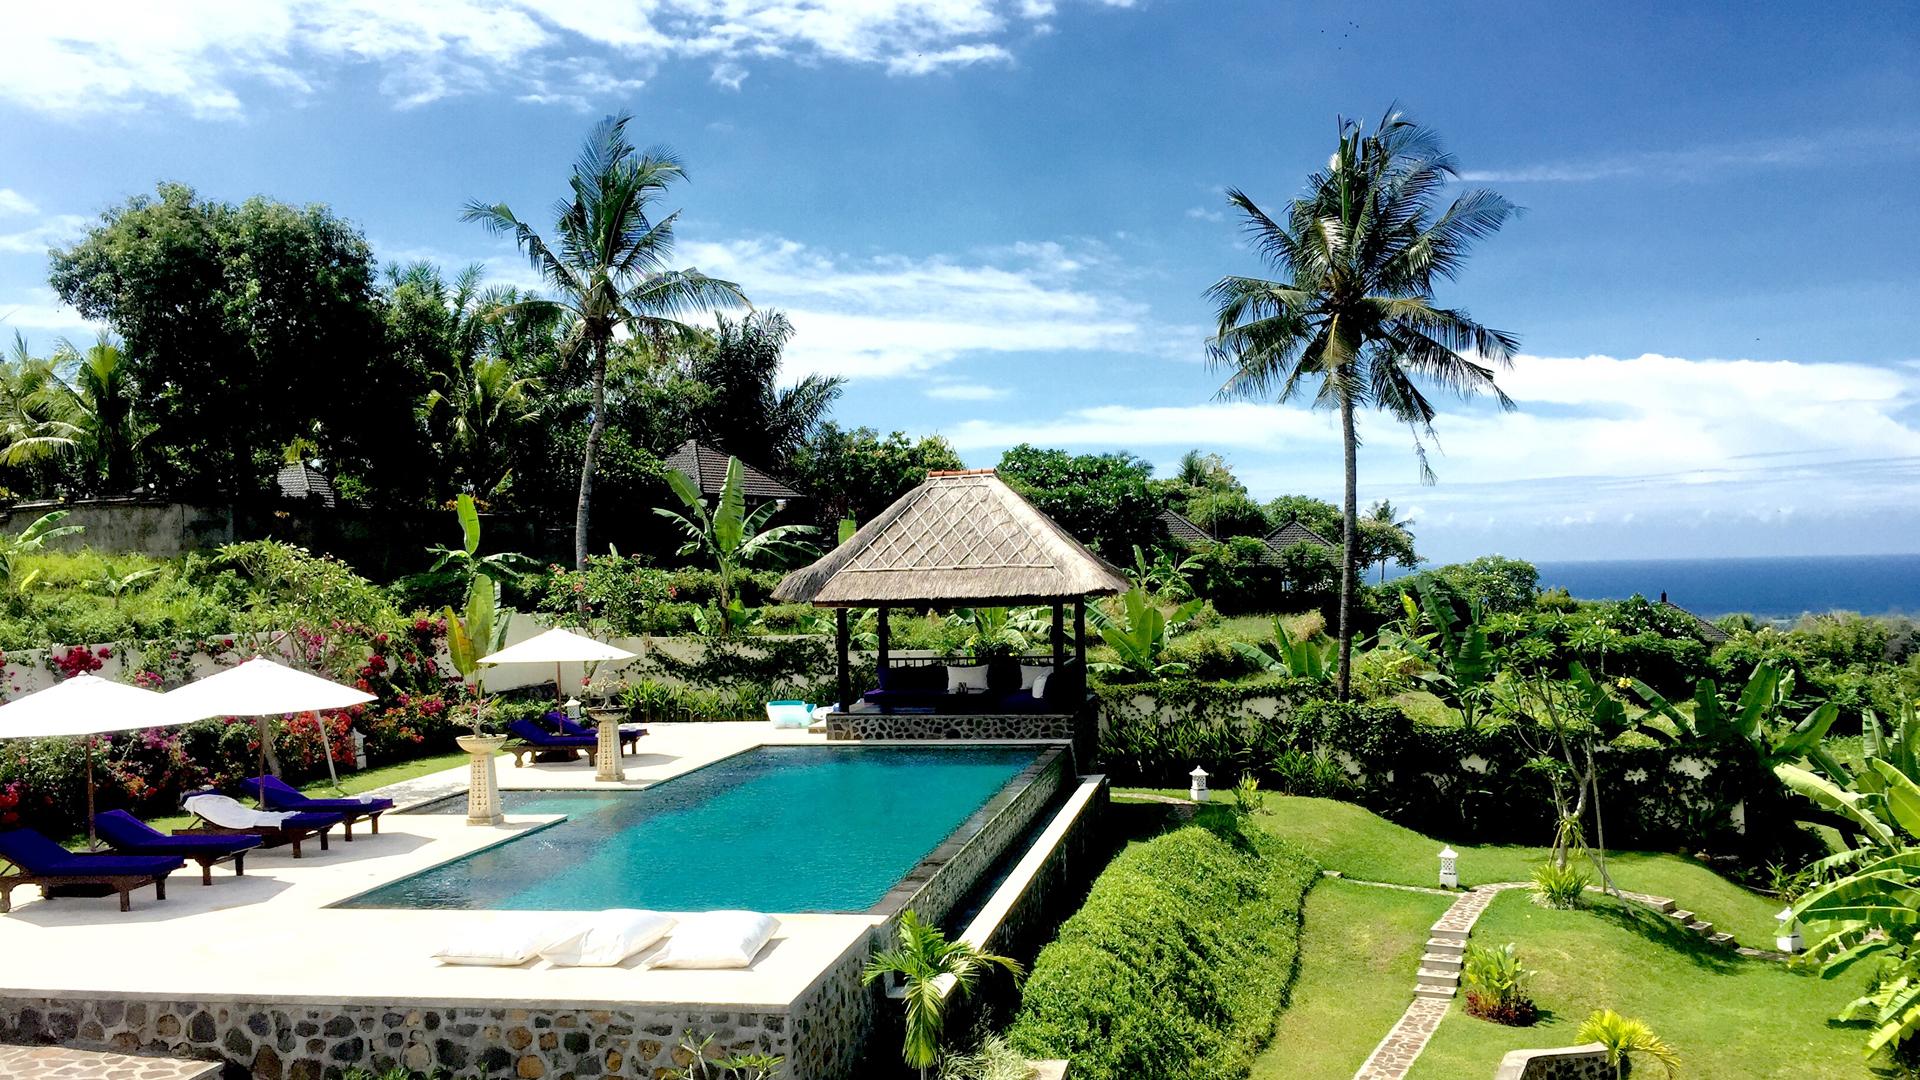 Villa Dewi Sri